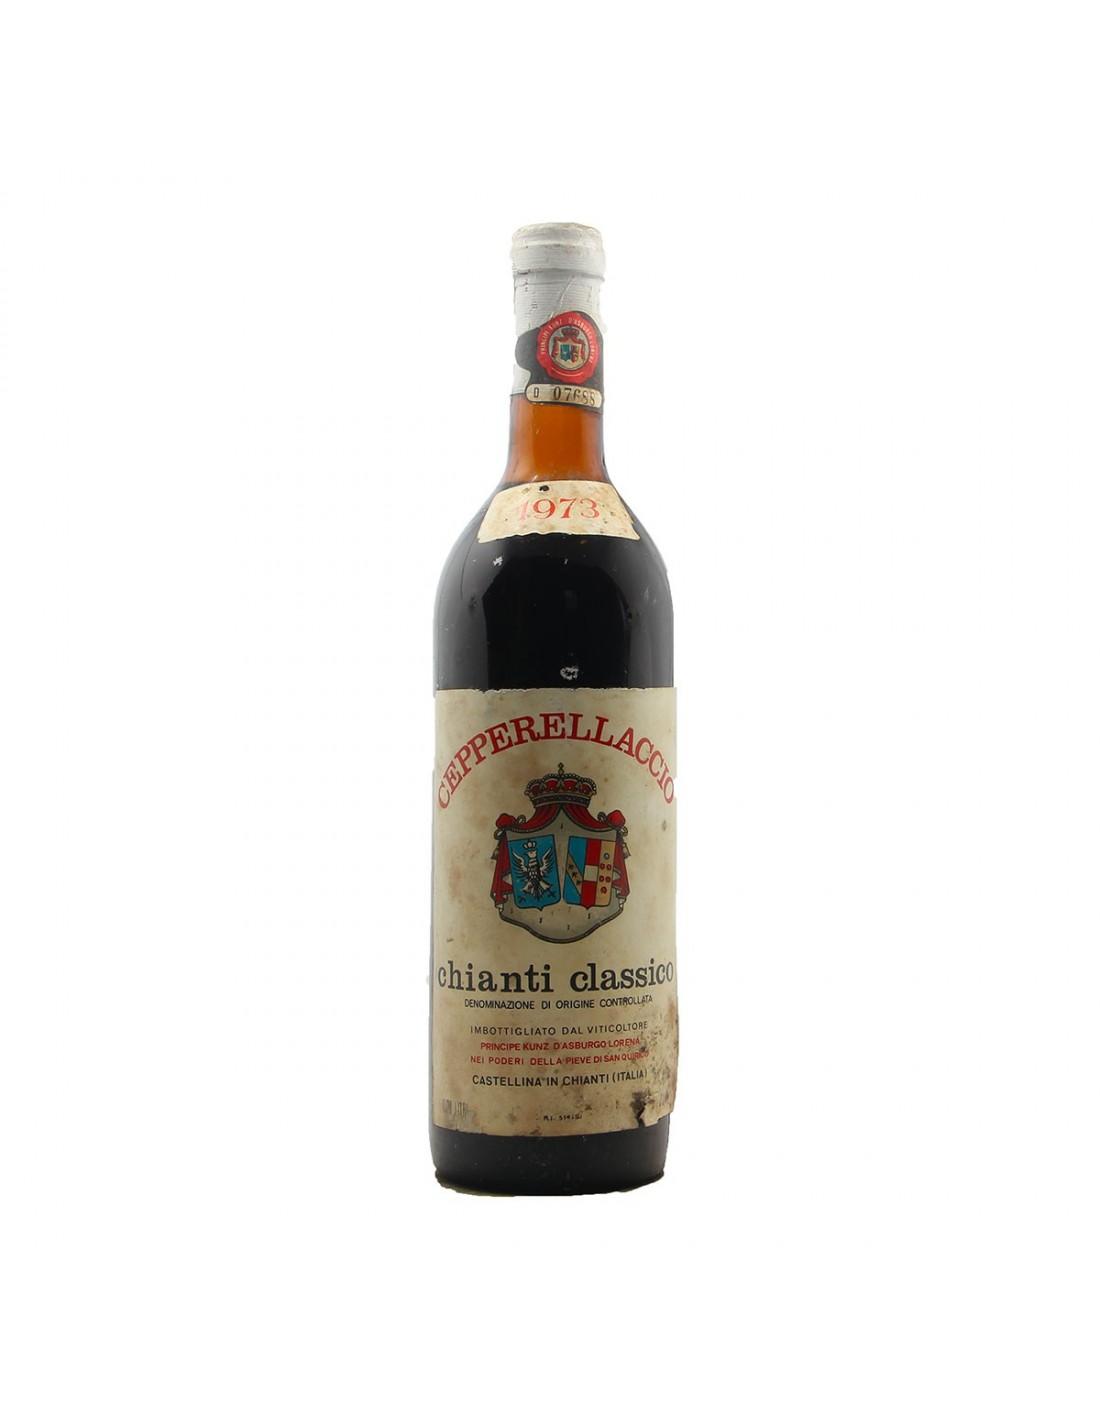 CHIANTI CLASSICO CEPPERELLACCIO 1973 PRINCIPE KUNZ D'ASBURGO LORENA Grandi Bottiglie